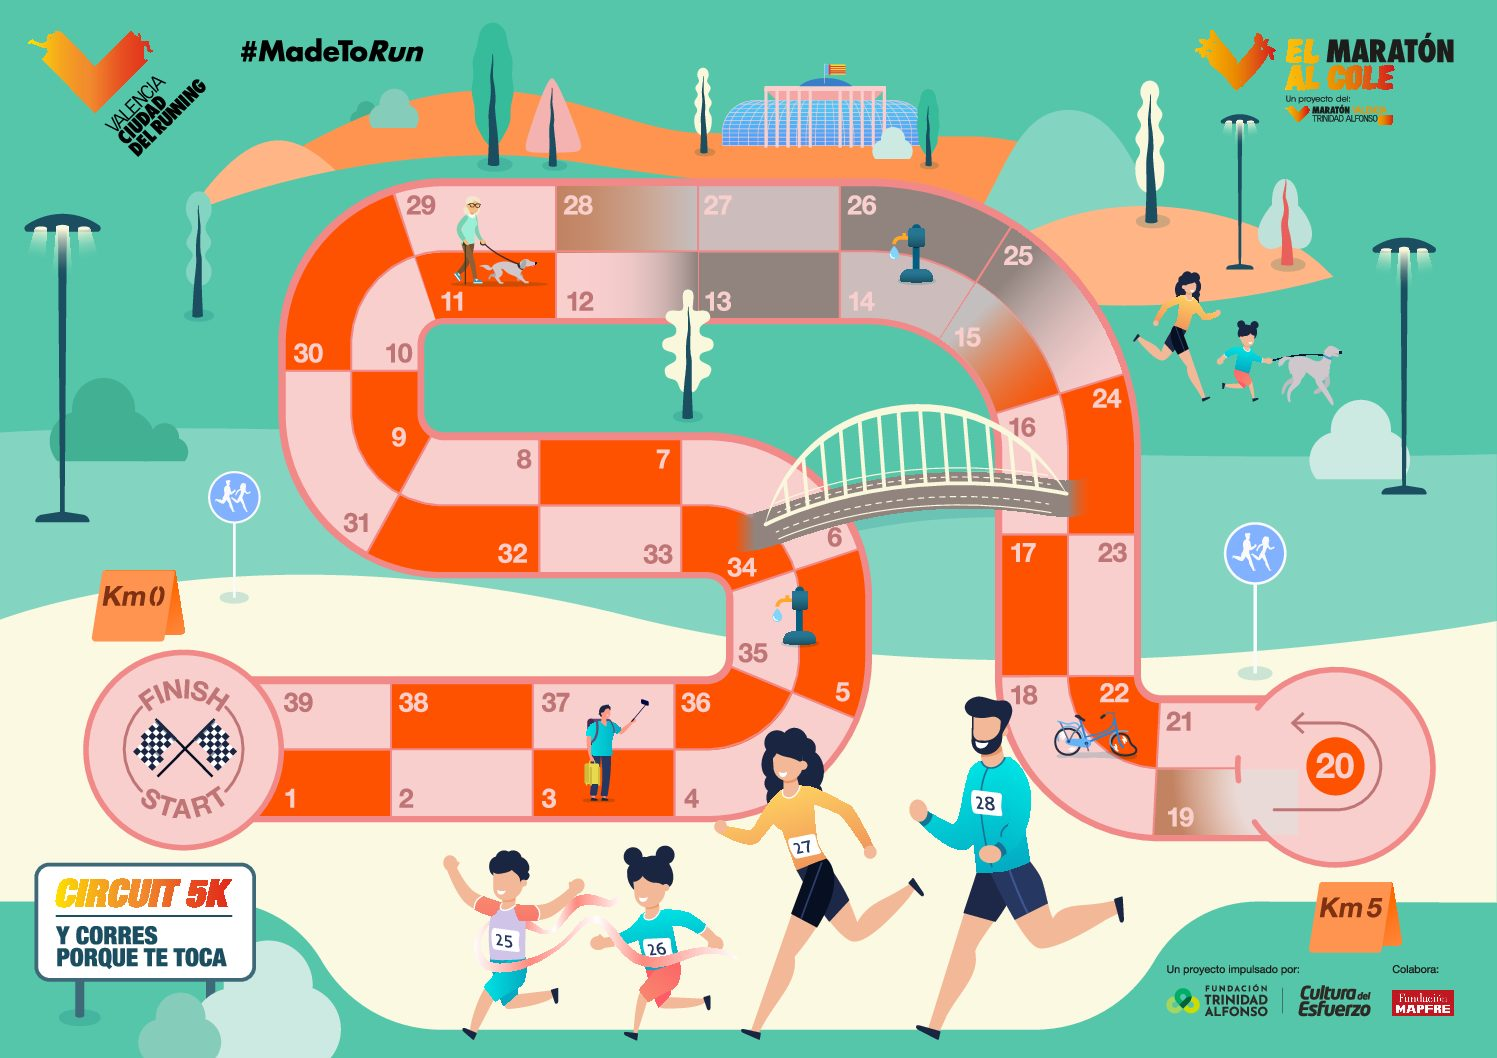 Un nuevo juego para disfrutar en familia: Circuit 5K y corro porque me toca